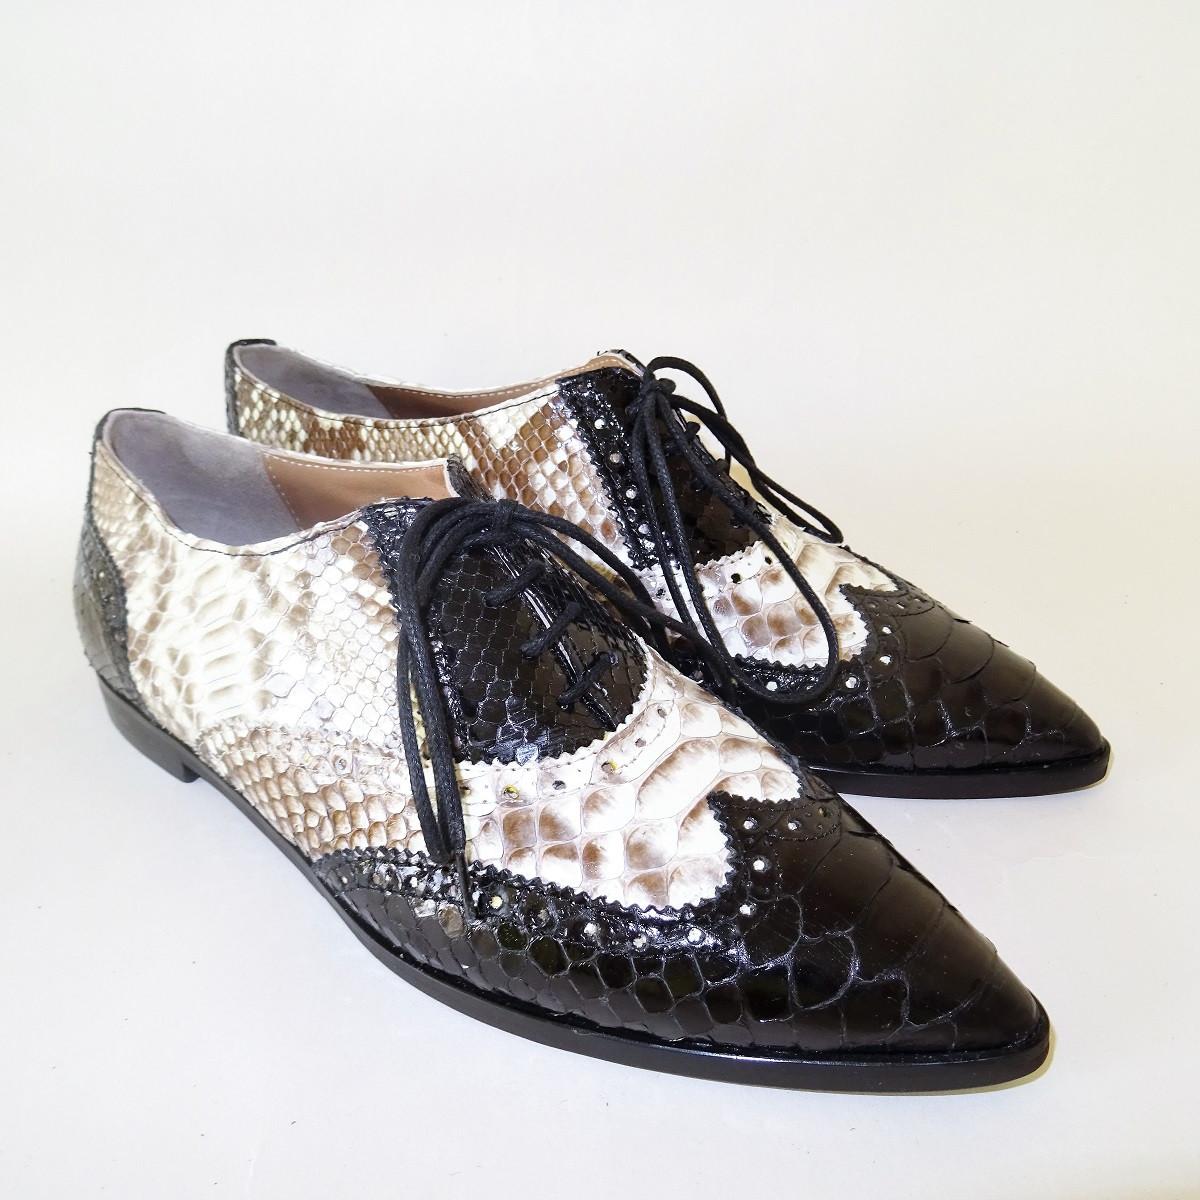 c273173f6 Итальянские женские кожаные туфли от TM SPAZIOMODA - Интернет магазин